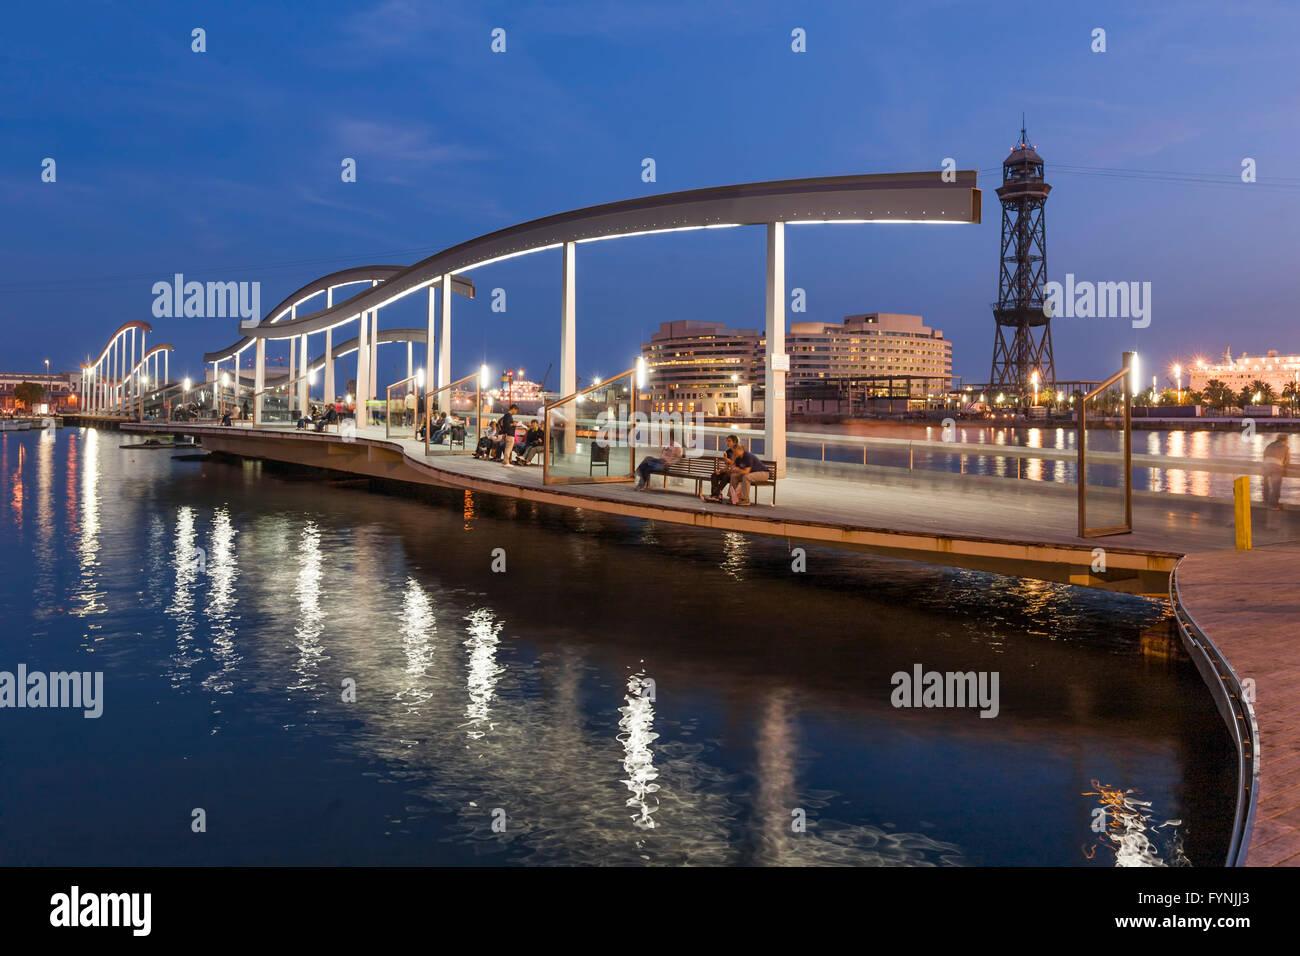 Fußgängerbrücke, Rambla de Mar, Port Vell, Twilight, Barcelona, Katalonien, Spanien Stockbild